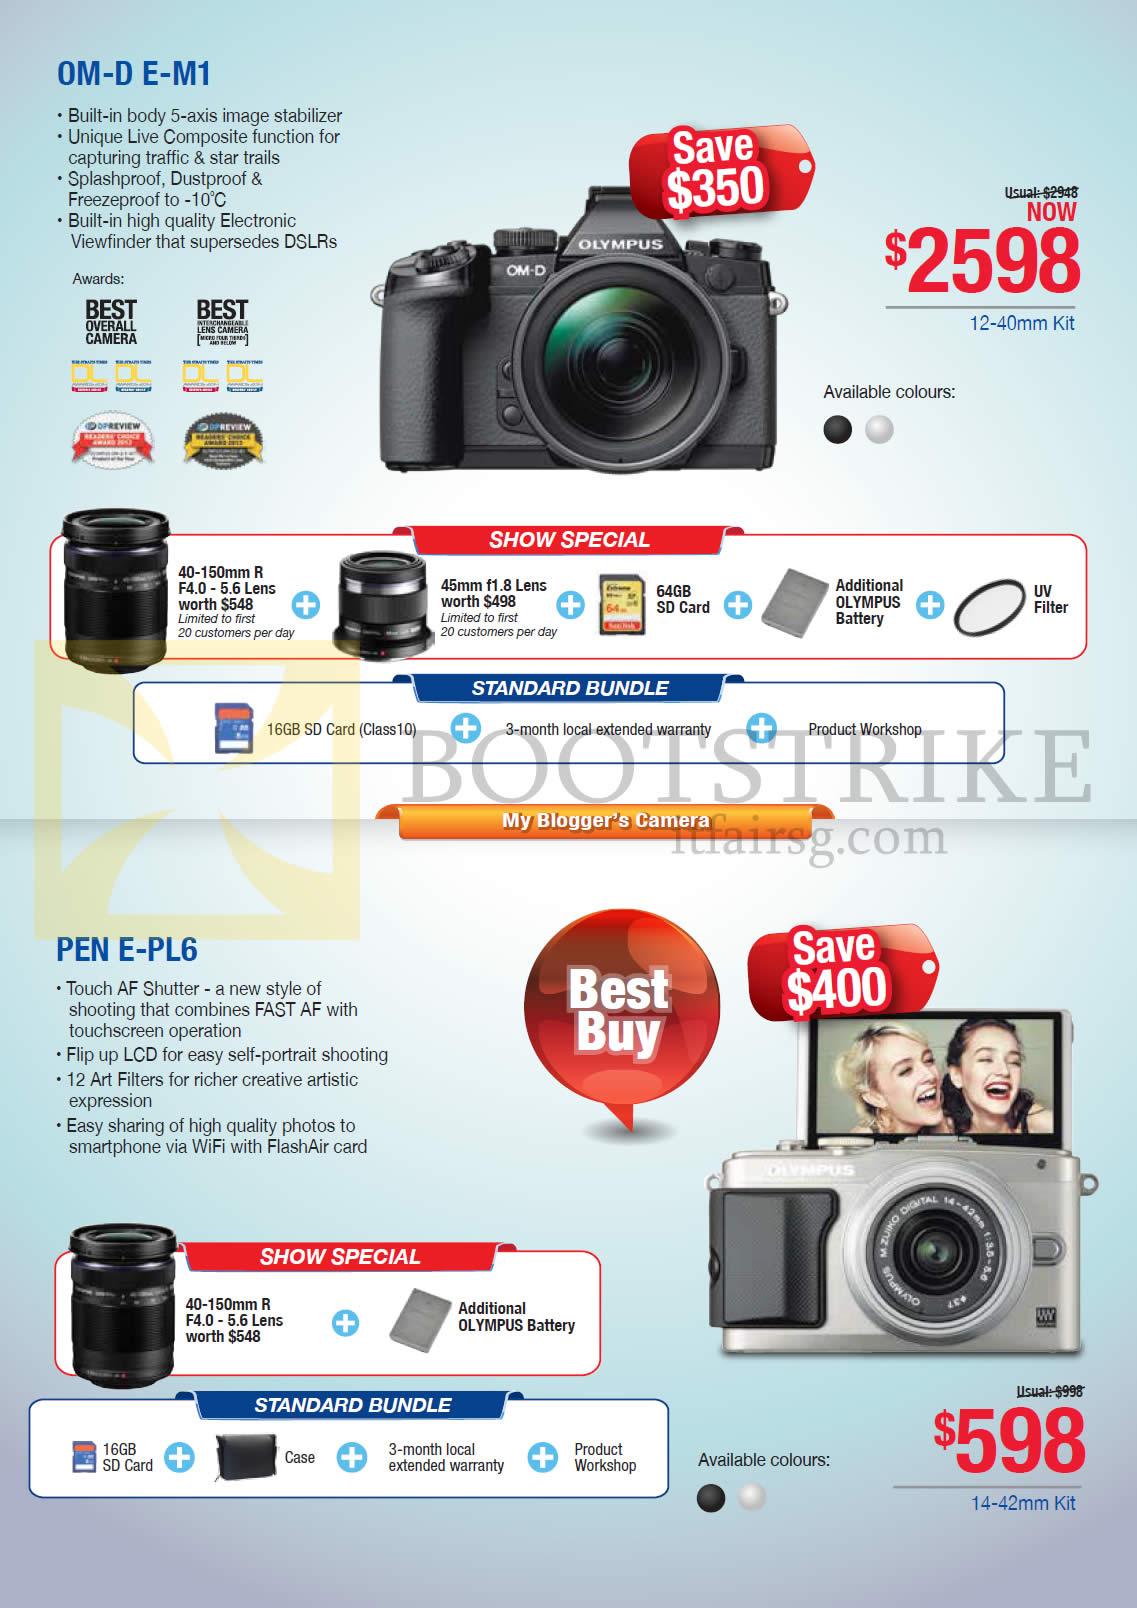 Olympus Digital Cameras OM-D E-M1, Pen E-PL6